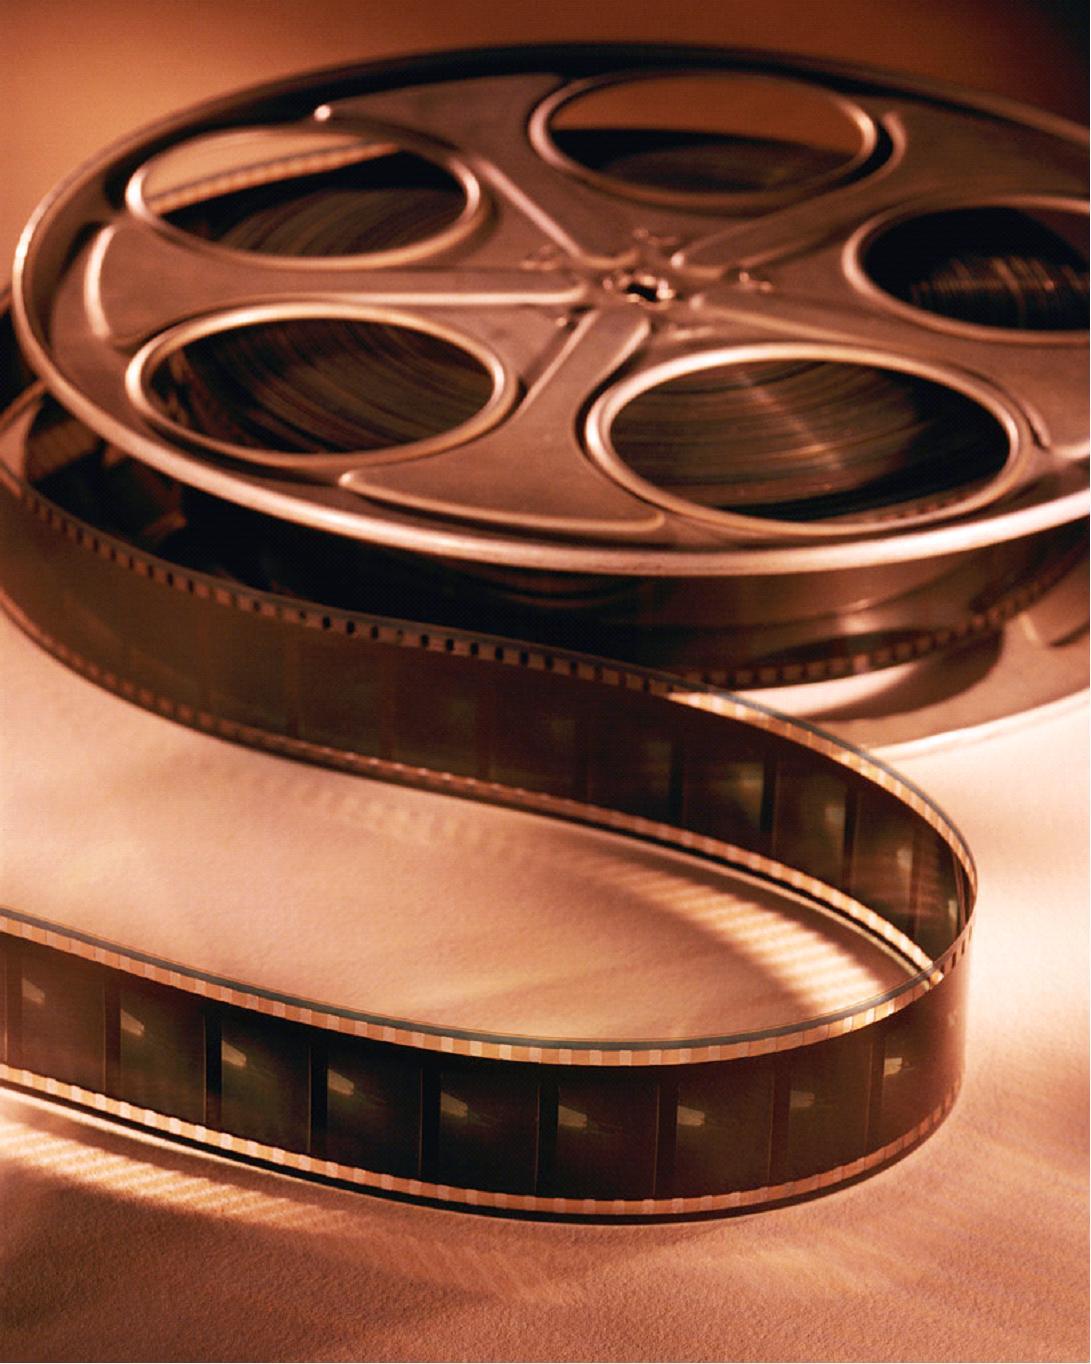 http://2.bp.blogspot.com/_nzwaQbLxrH8/TDakzU5EDeI/AAAAAAAAAG0/qySuix5UMJ8/s1600/film-reel.jpg